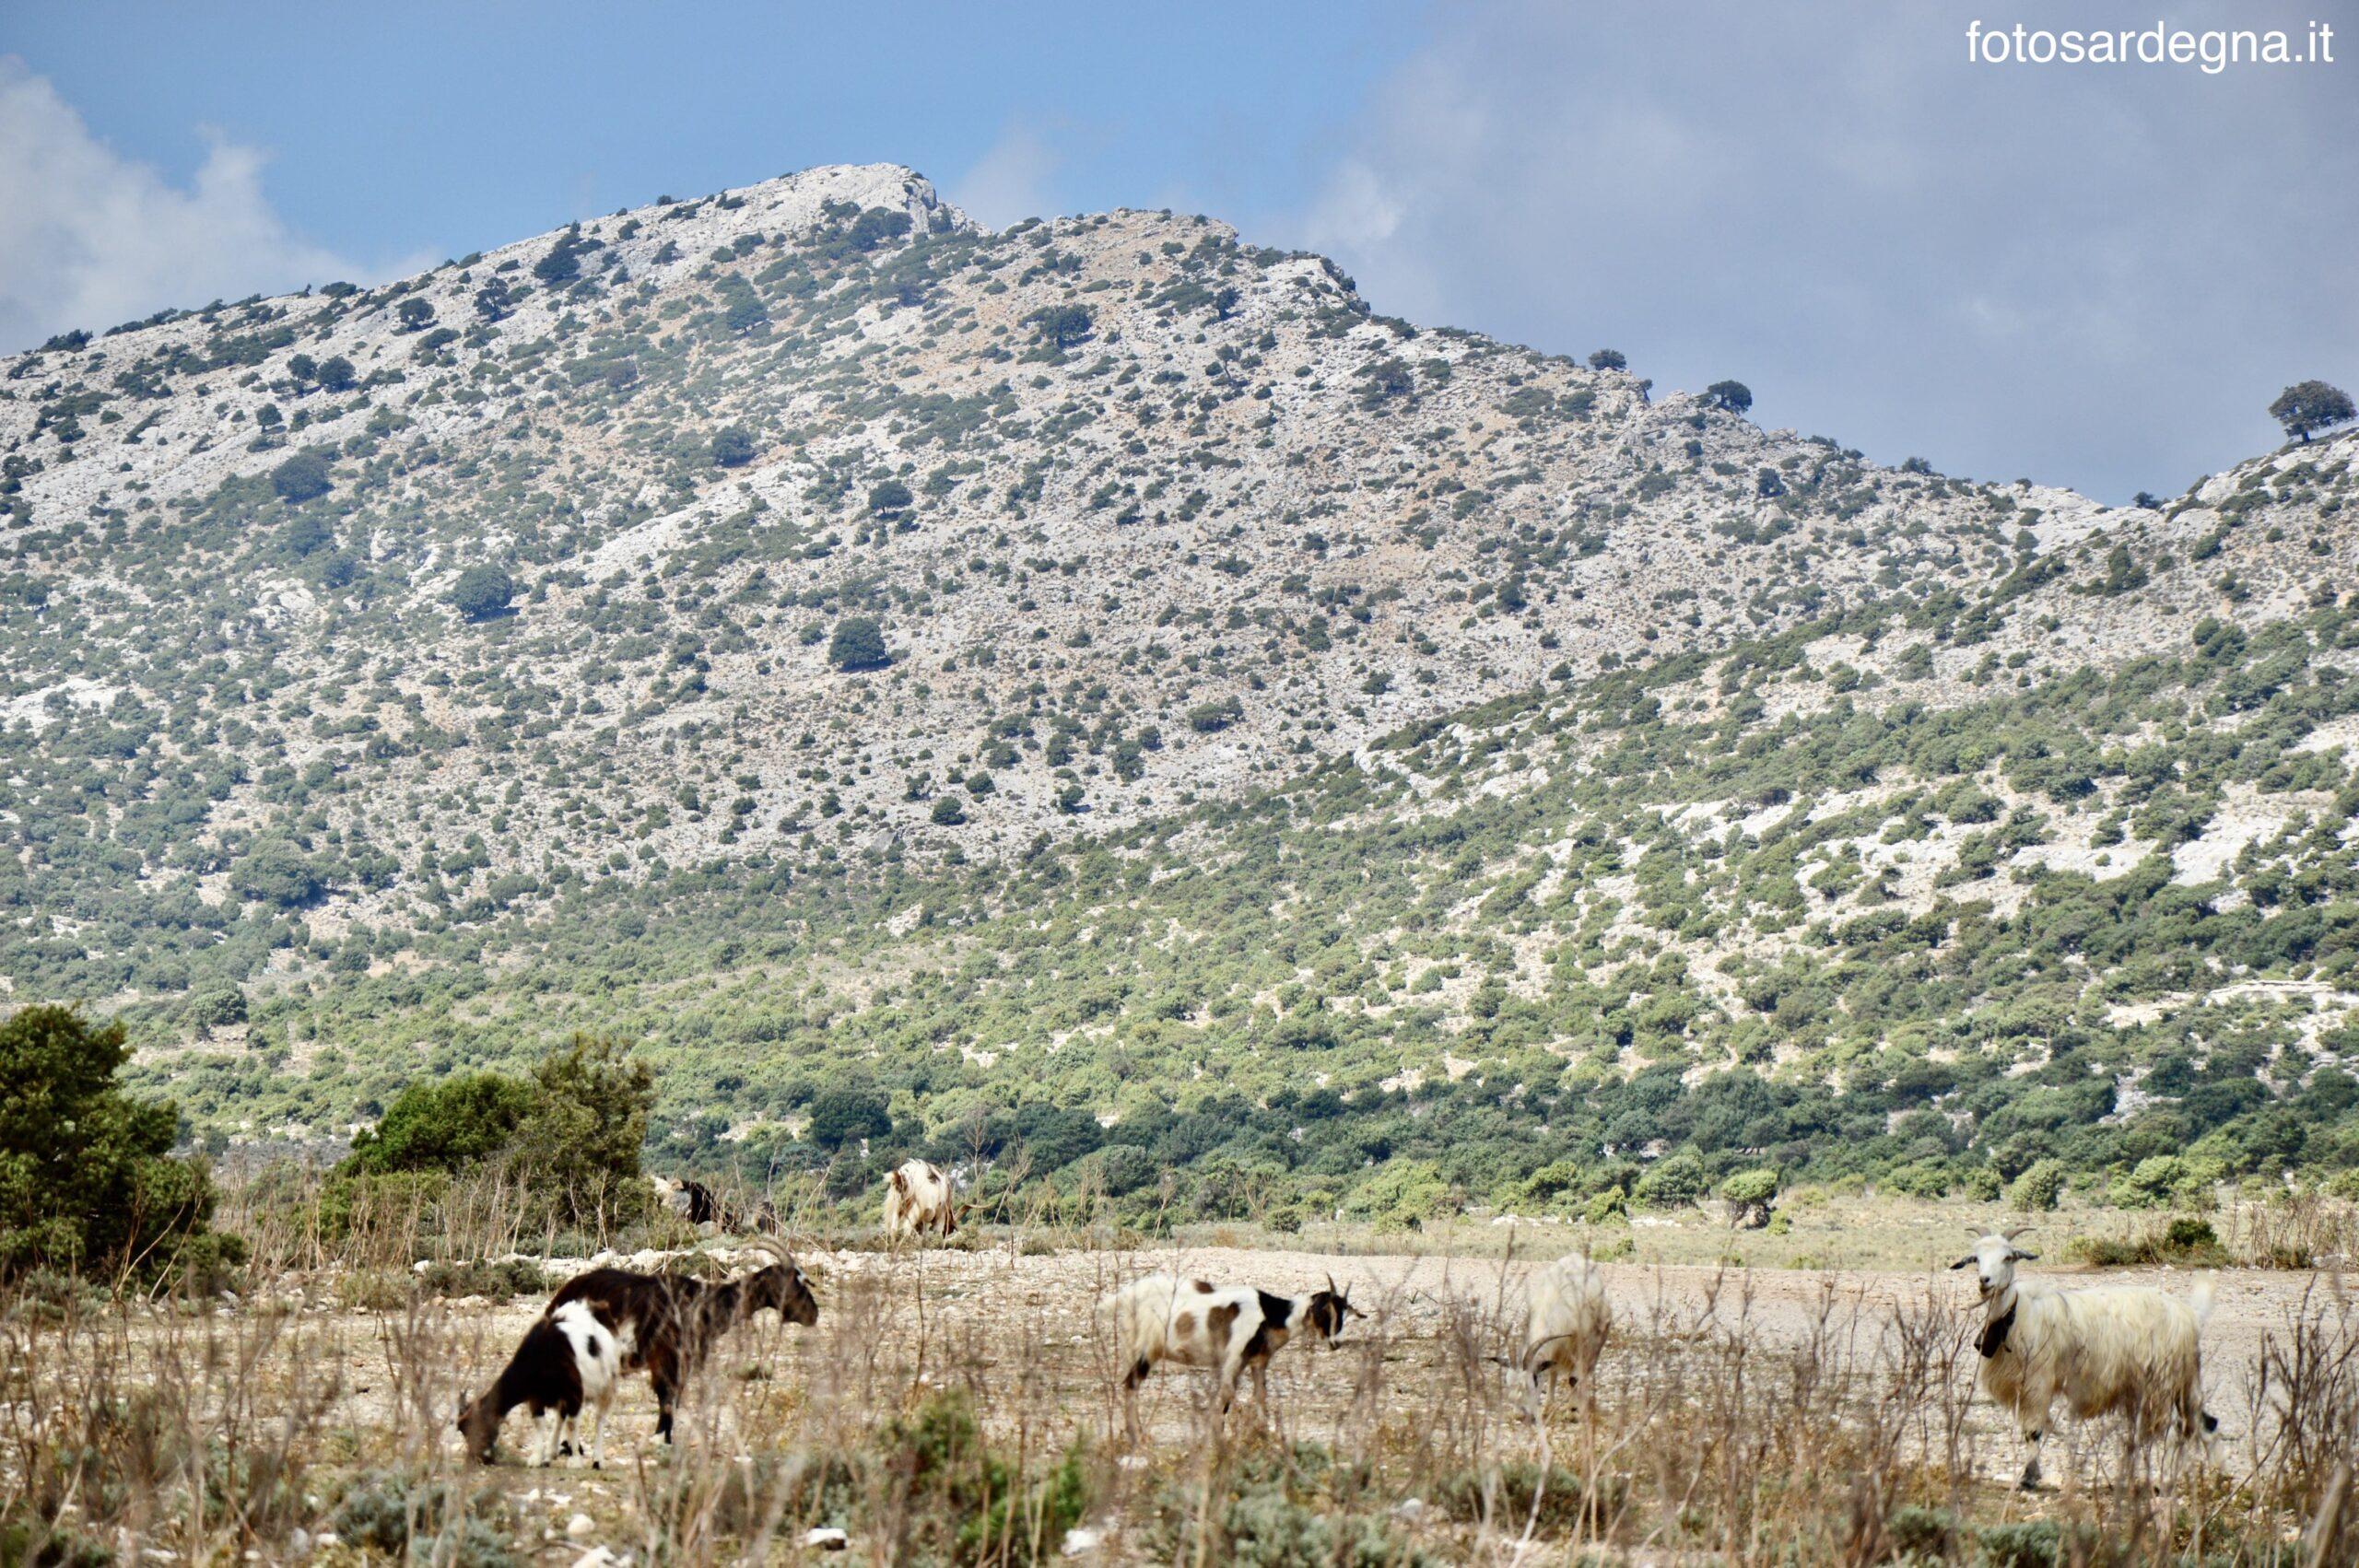 La maestosa sagoma bianca di Punta 'e Seni